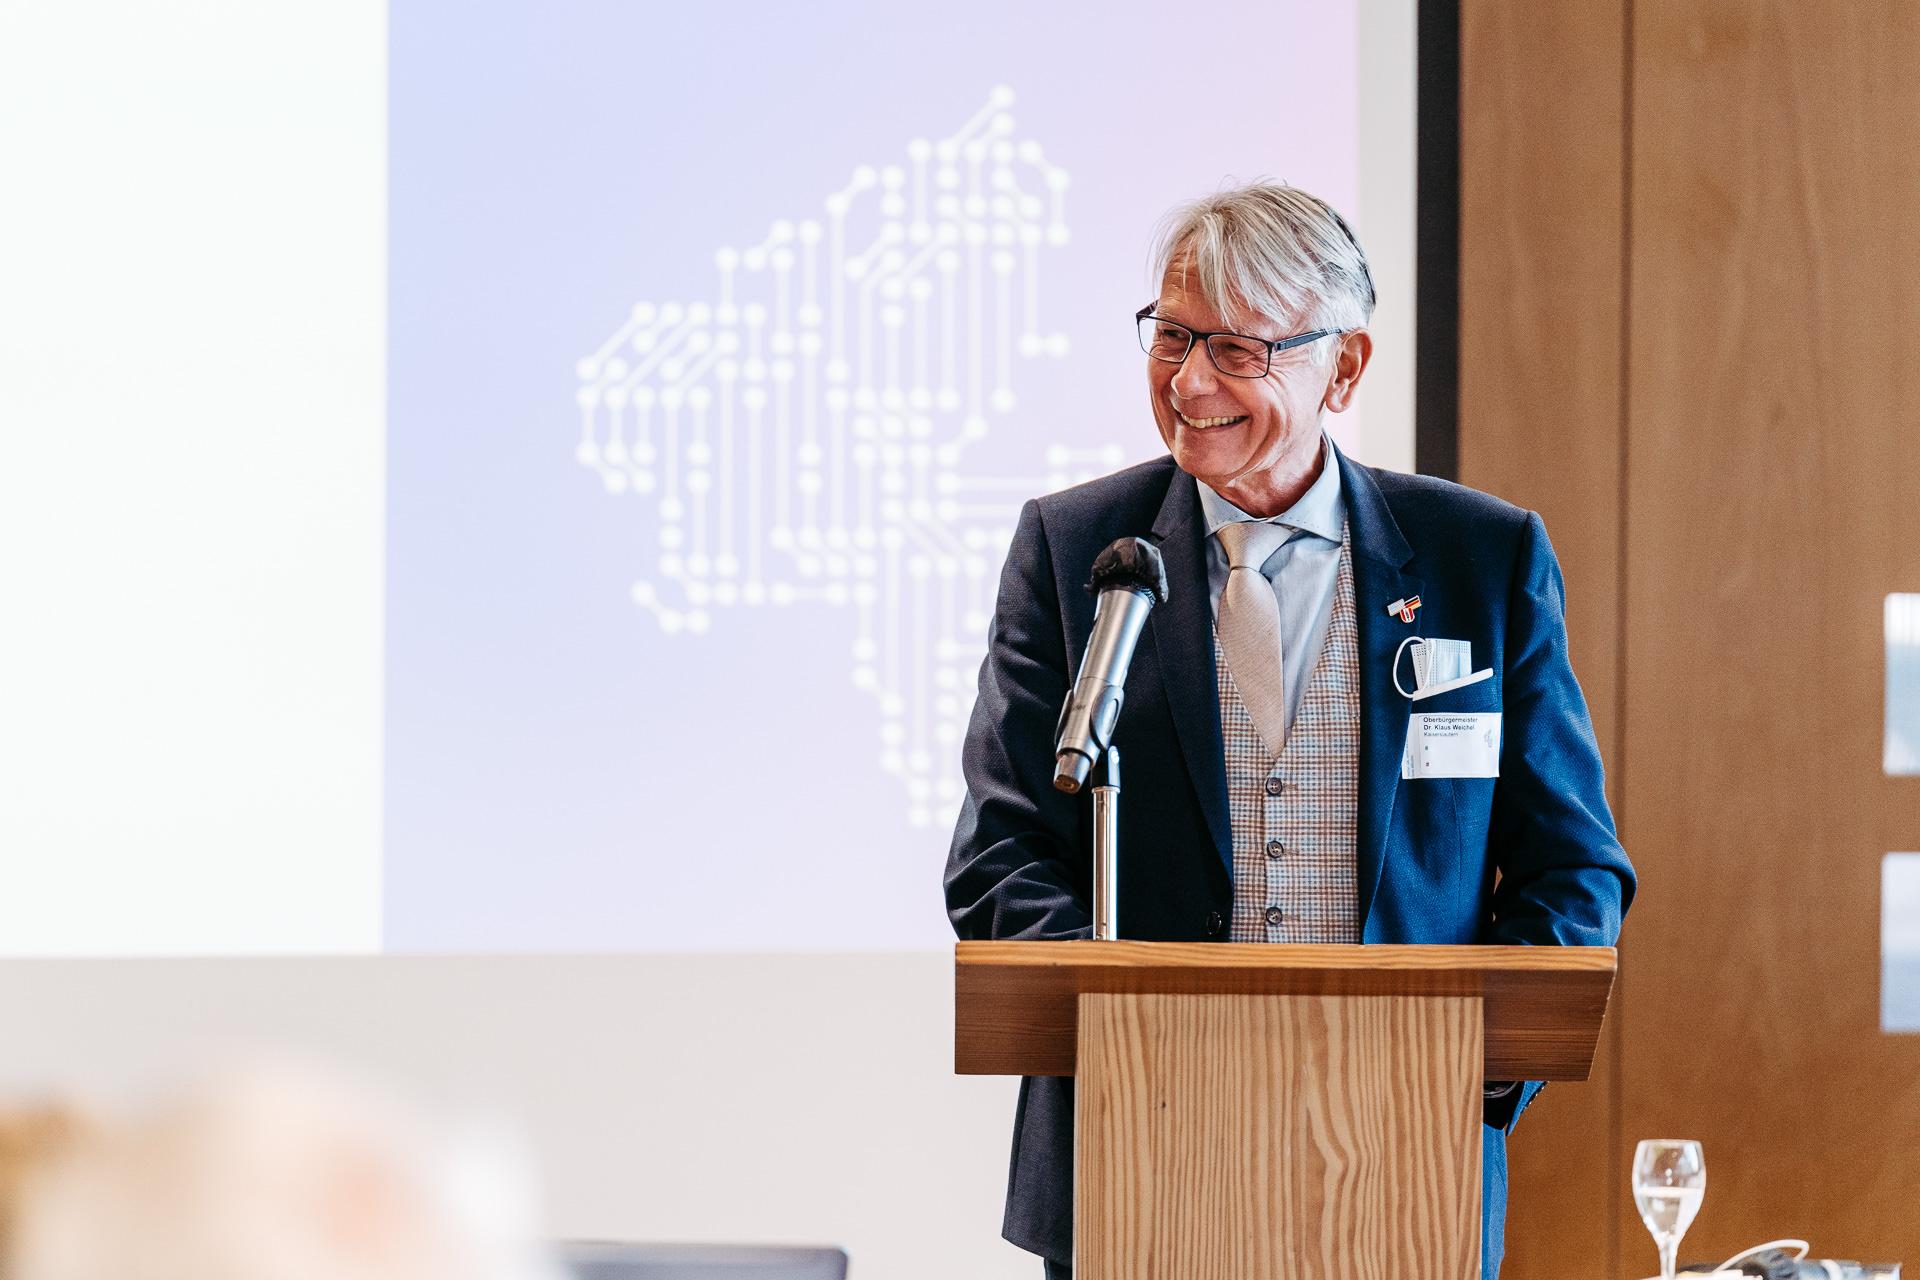 Ein Mann hält einen Vortrag und lächelt